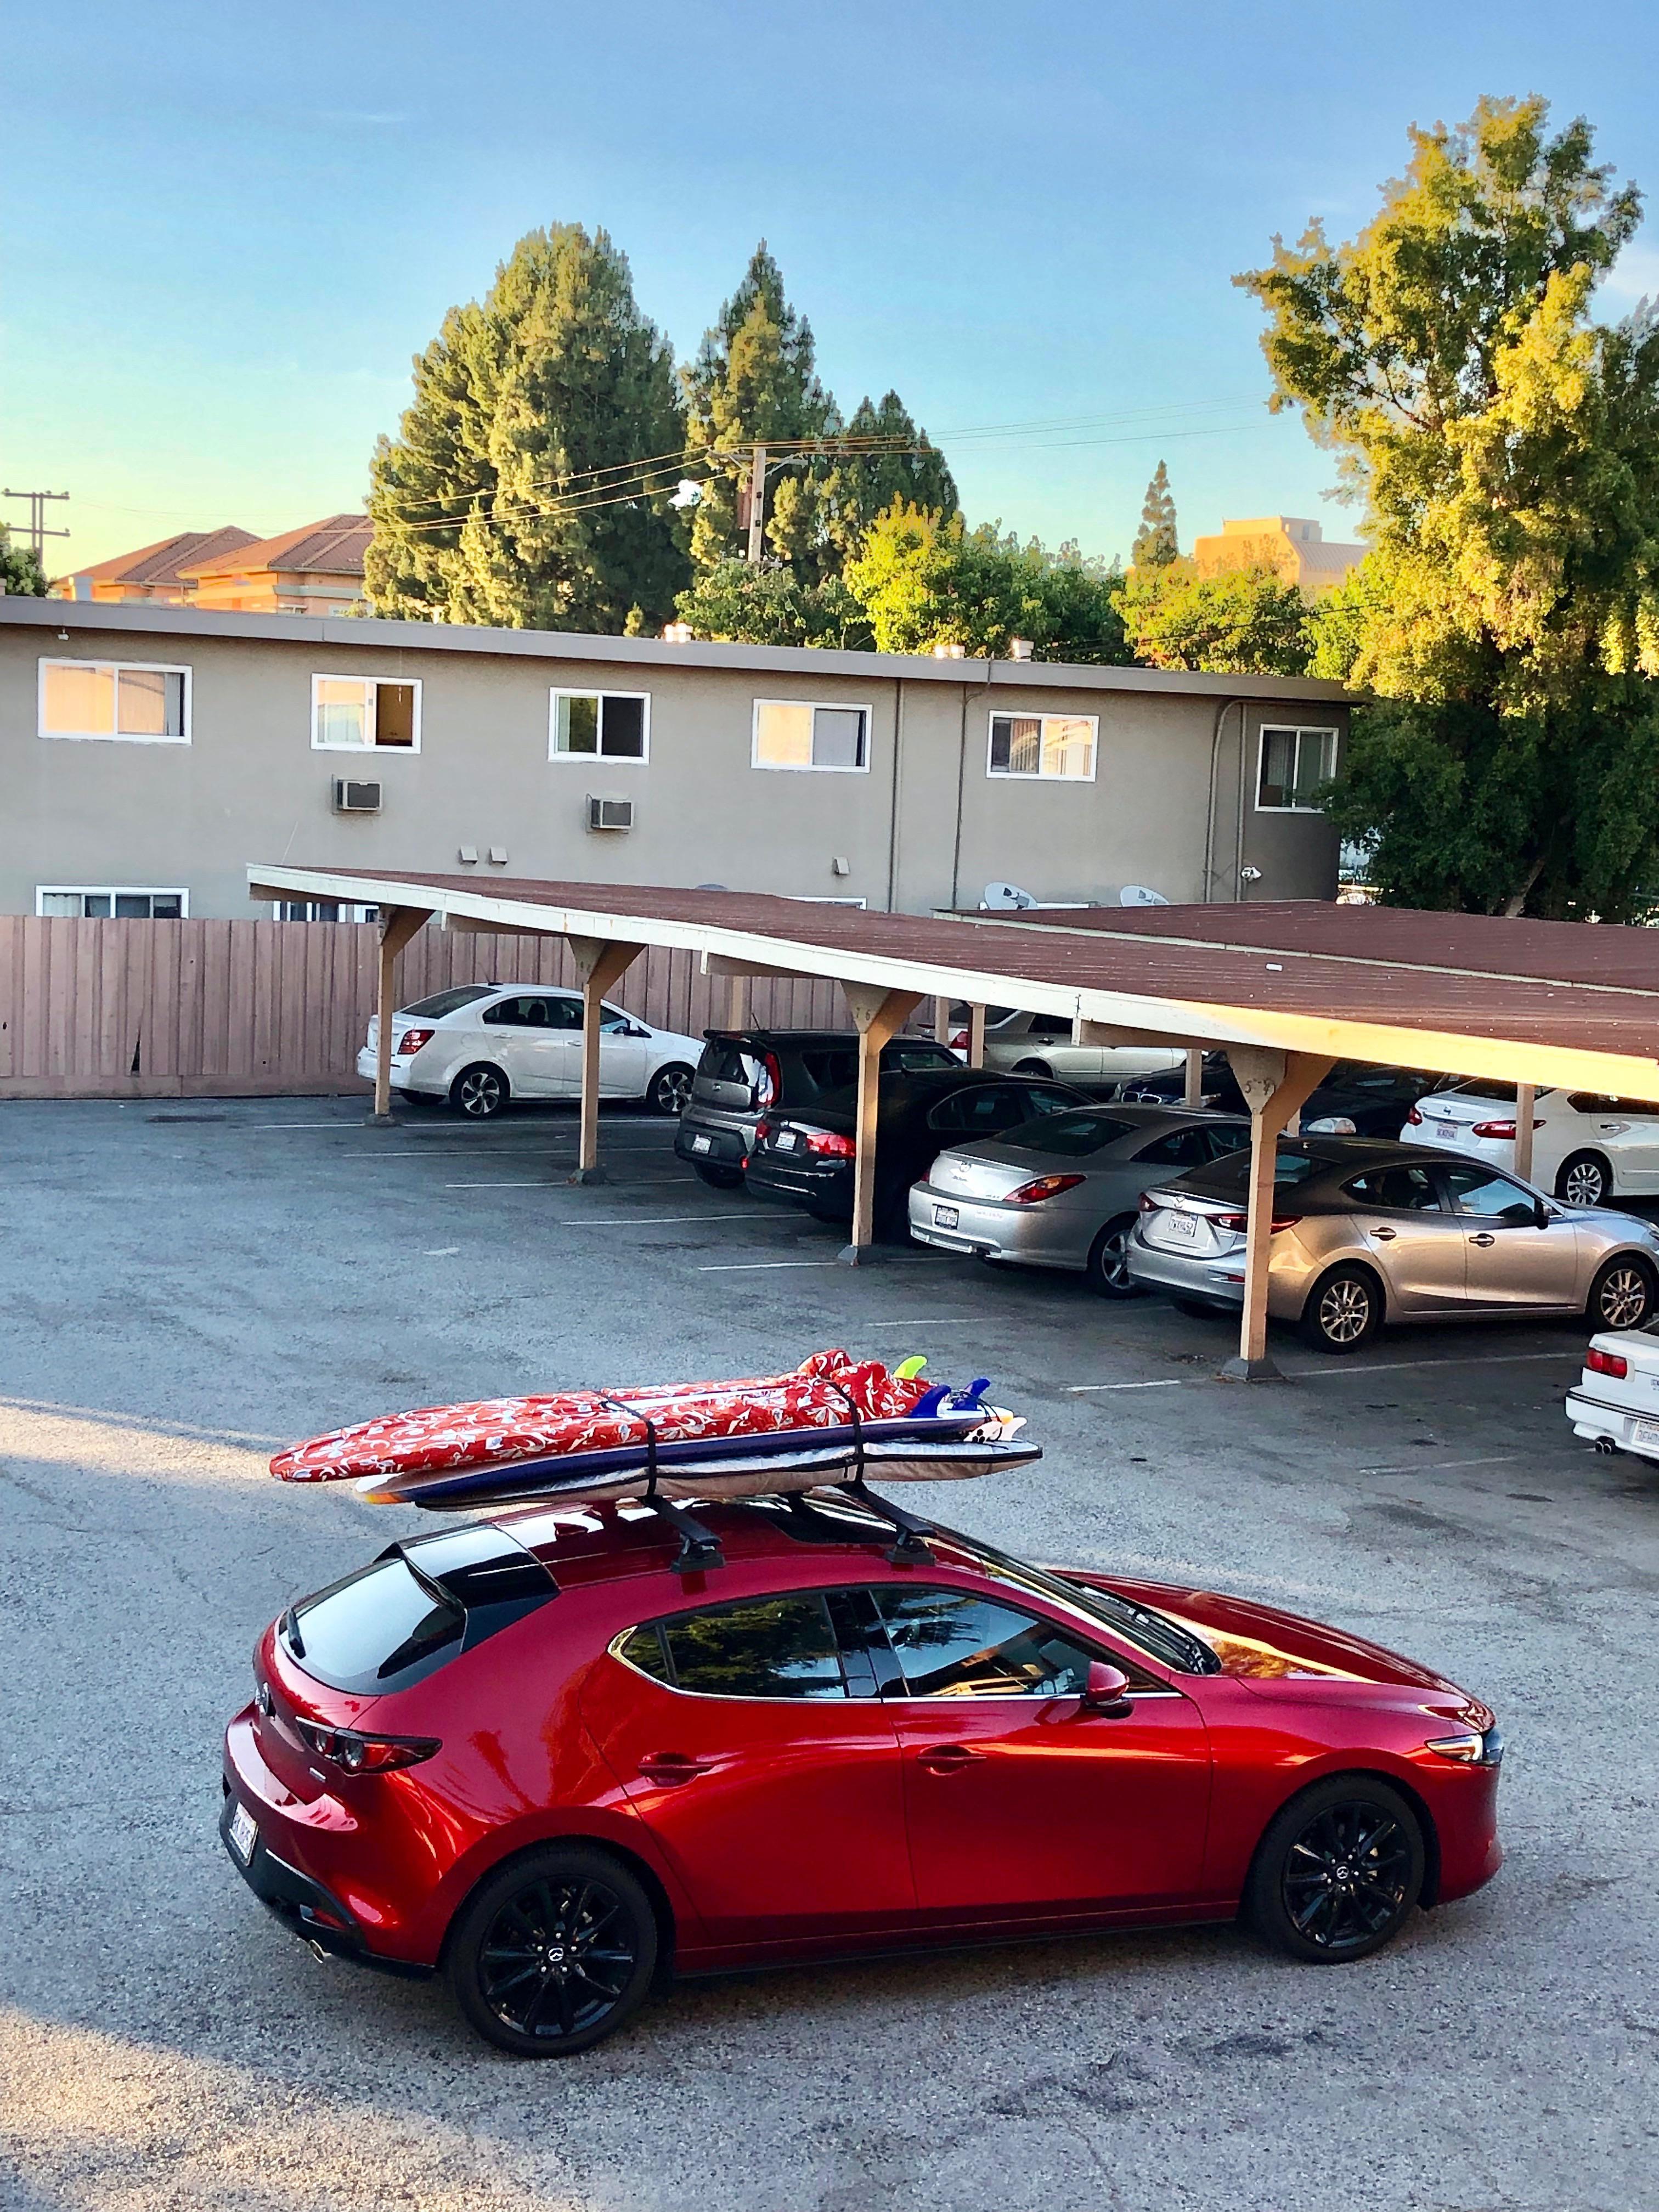 roof rack for my mazda 3 2019 hatchback